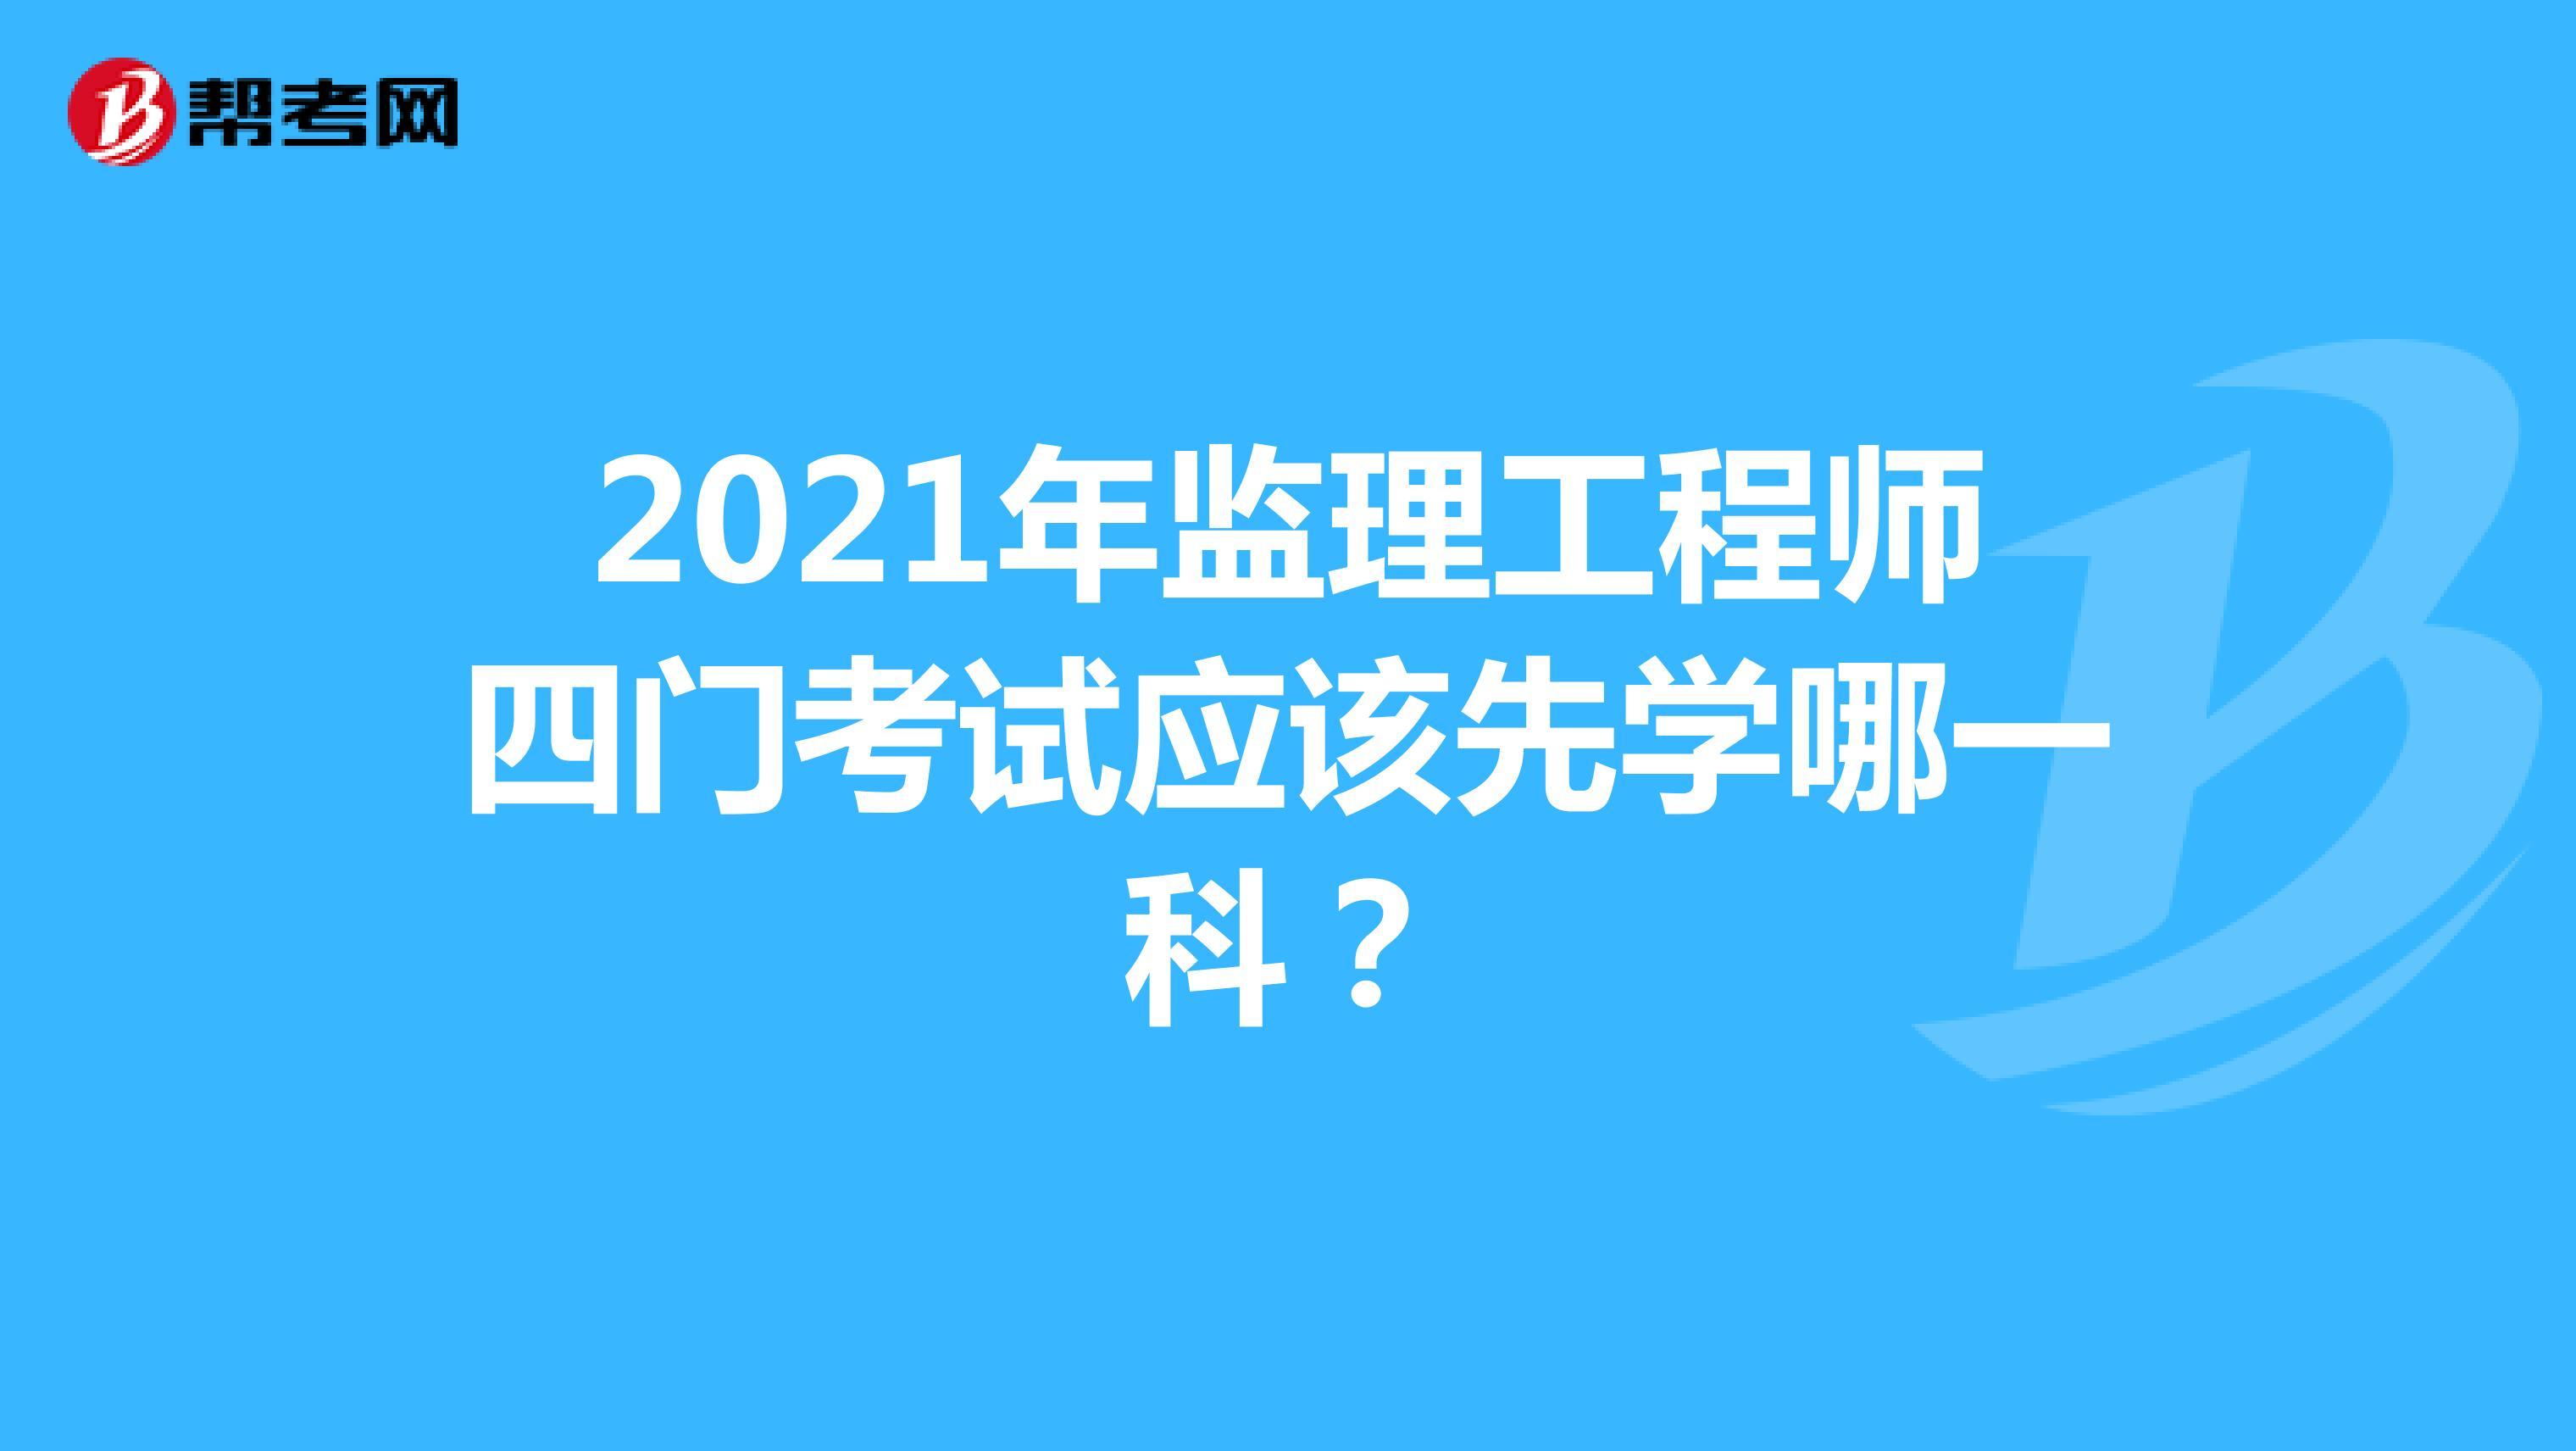 2021年监理工程师四门考试应该先学哪一科?